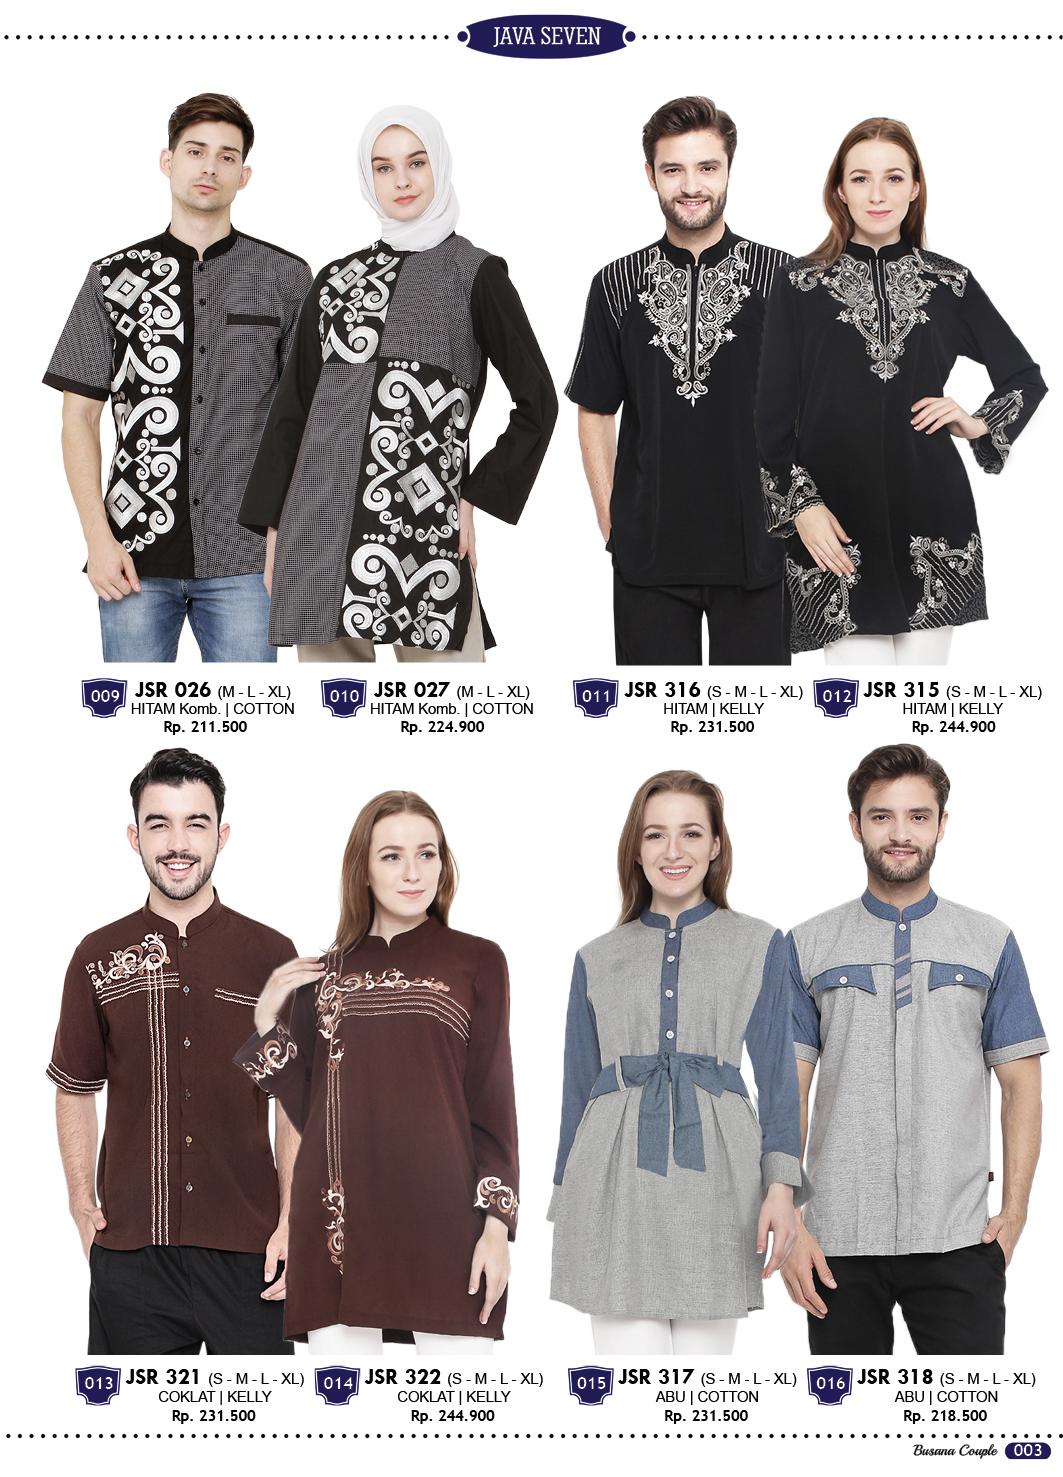 Katalog Terbaru Java Seven 2017 2018 Fashion Pria Wanita Dan Anak Katalig Kaos Lelaki Tersedia Baju Muslim Koko Busana Model Gamis Blus Muslimah Pakaian Couple Kemeja Jaket